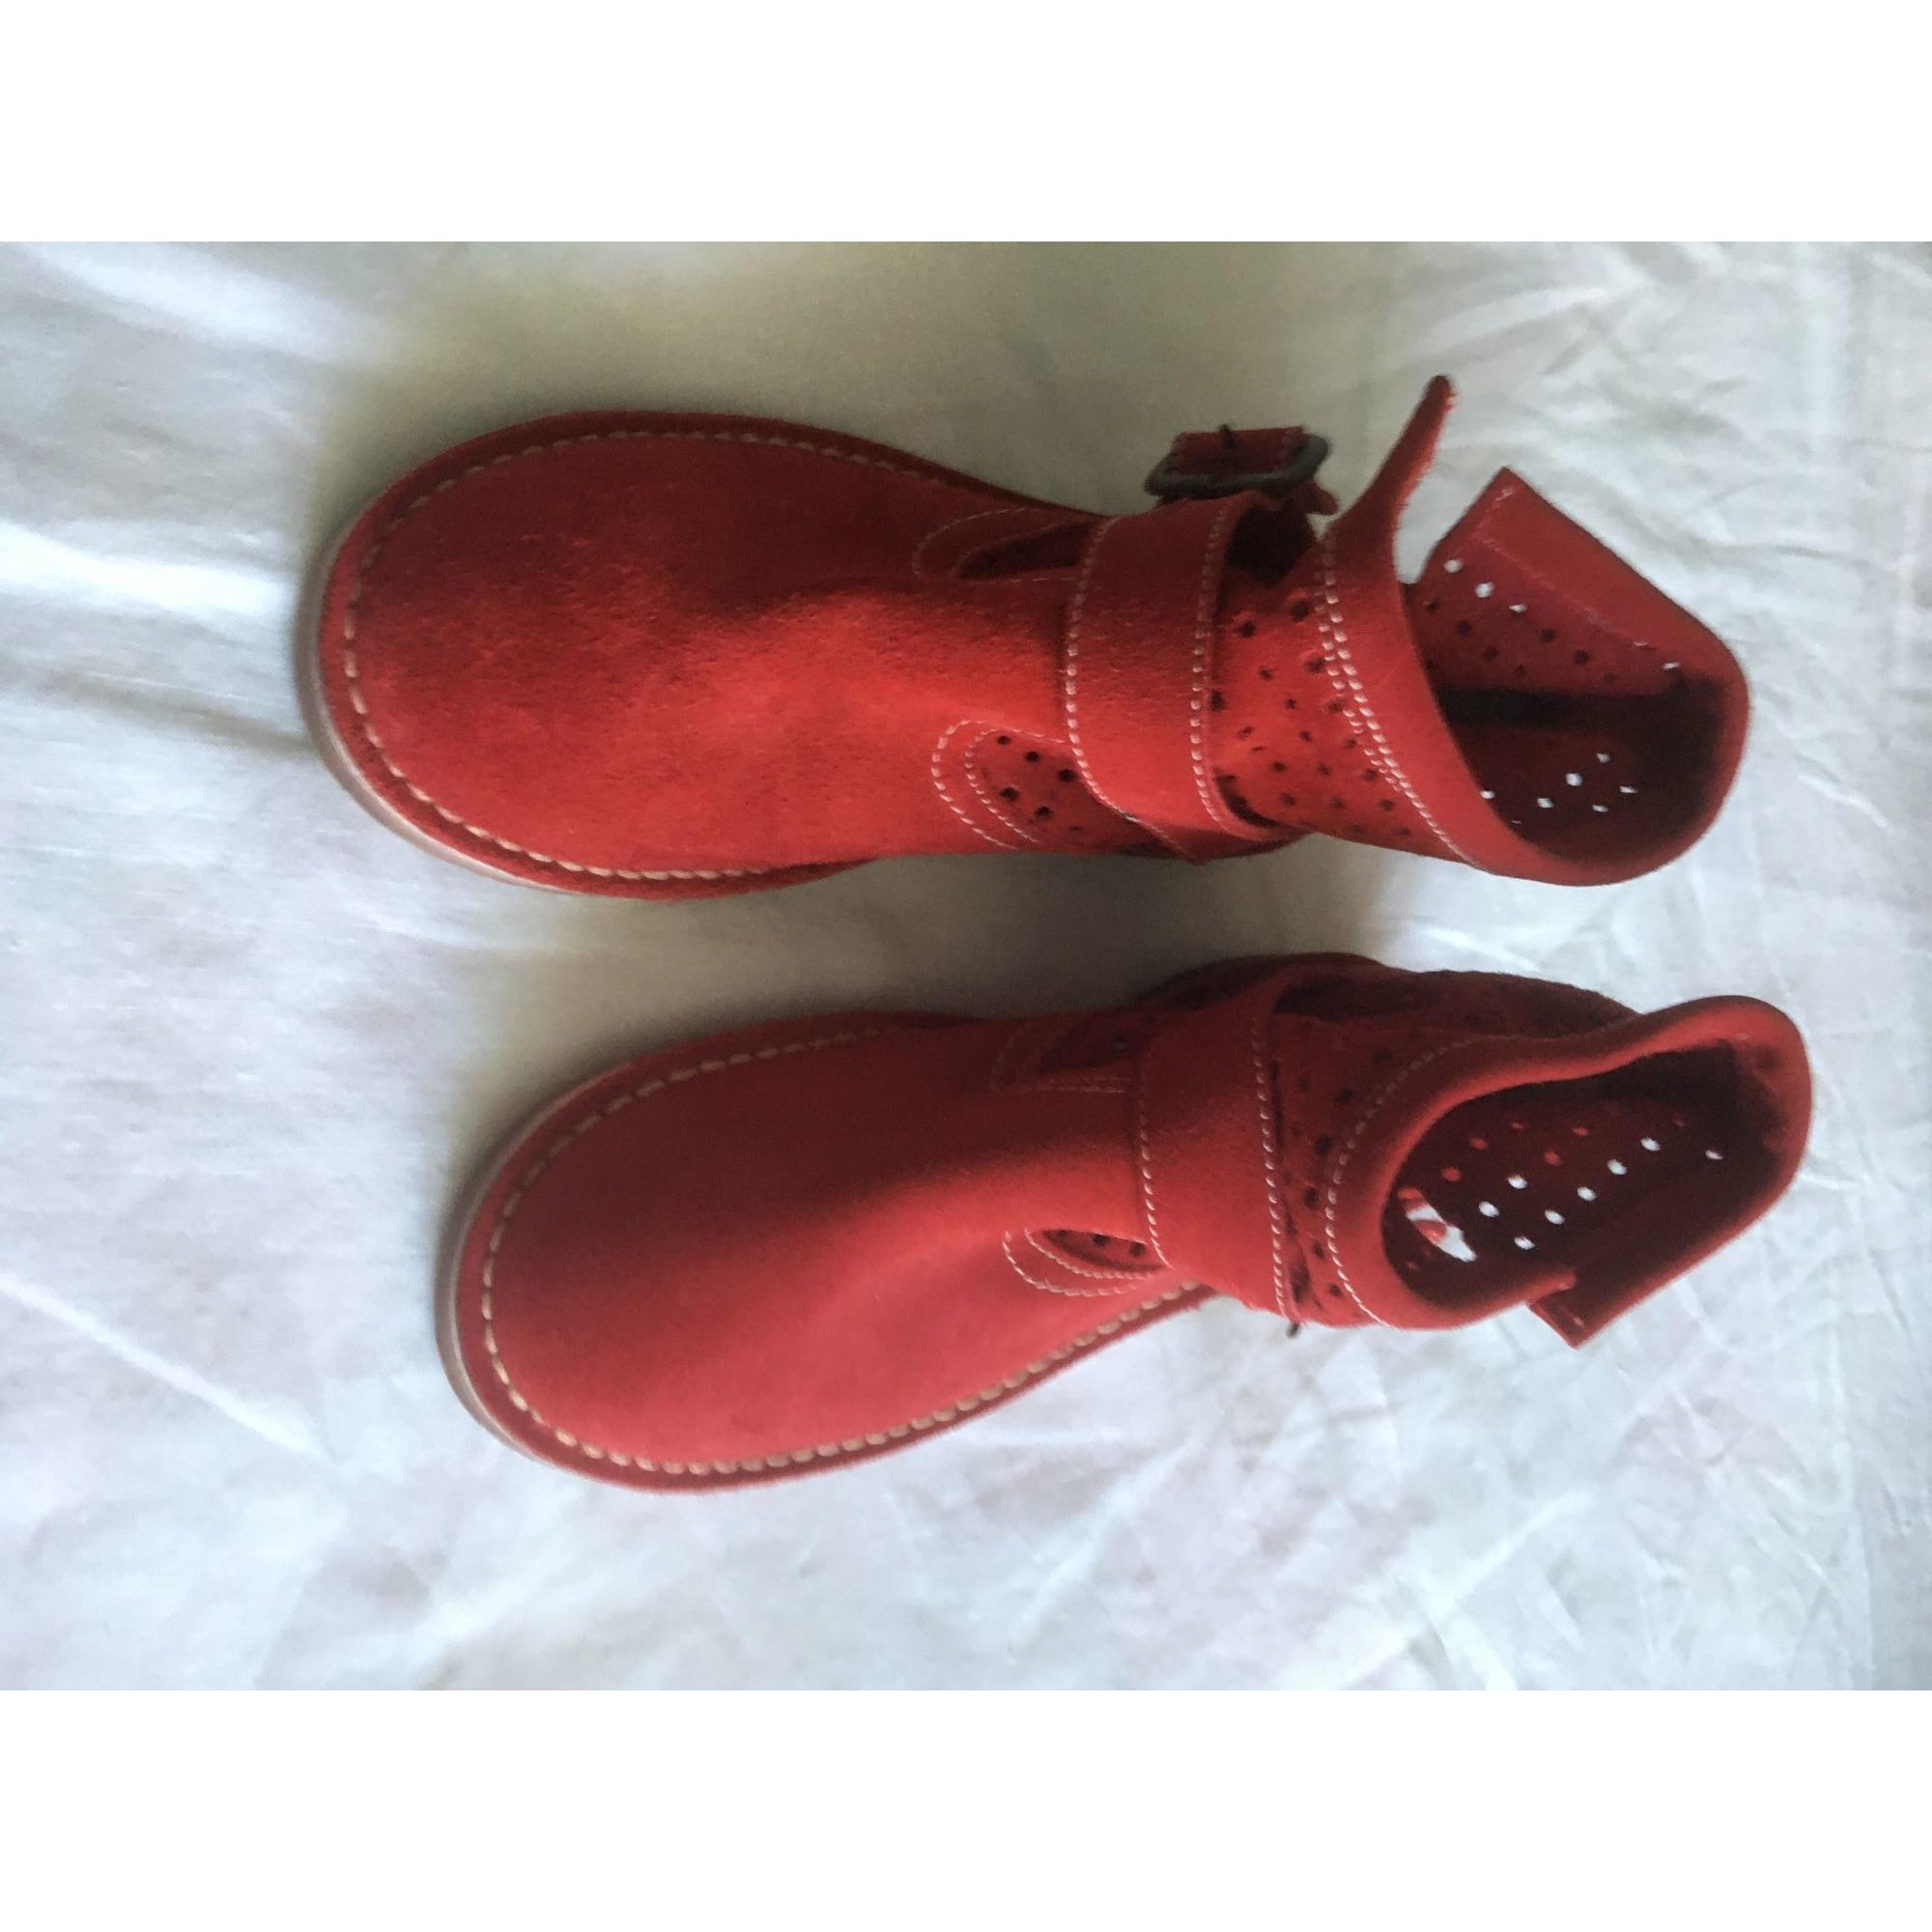 Bottines & low boots plates BRAN'S SHOES Rouge, bordeaux